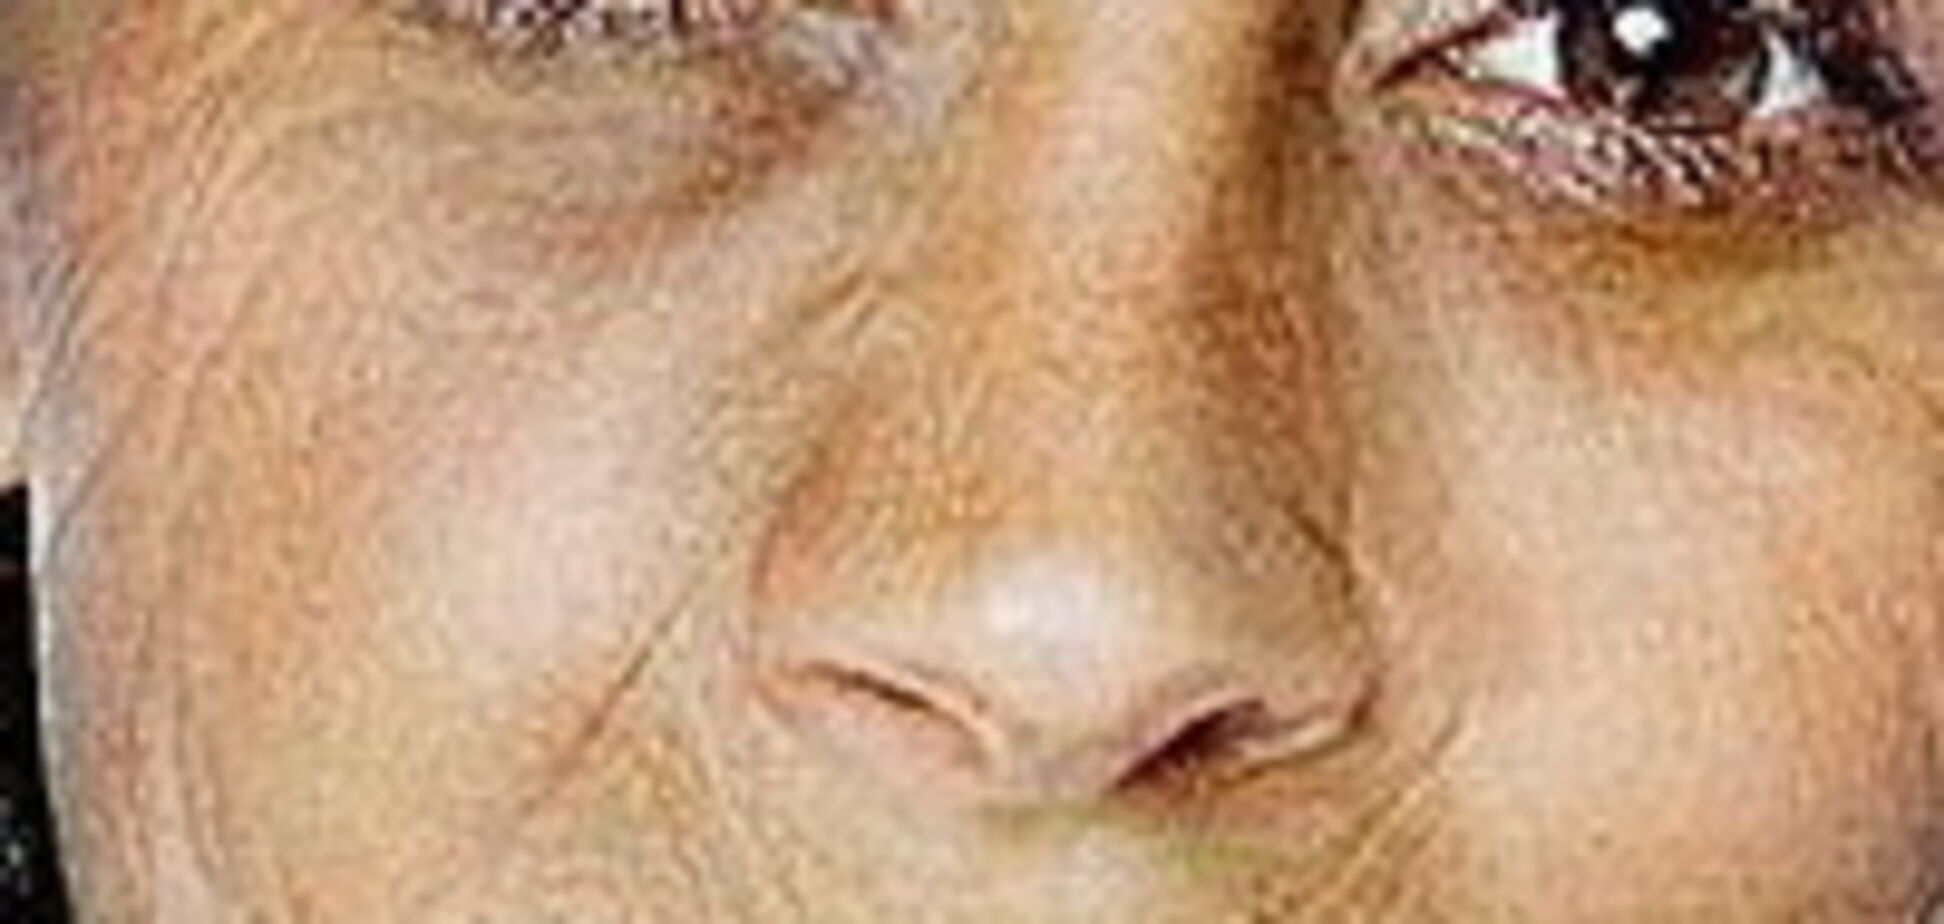 Прыщи Дженнифер Лопез и сопли Холли Берри